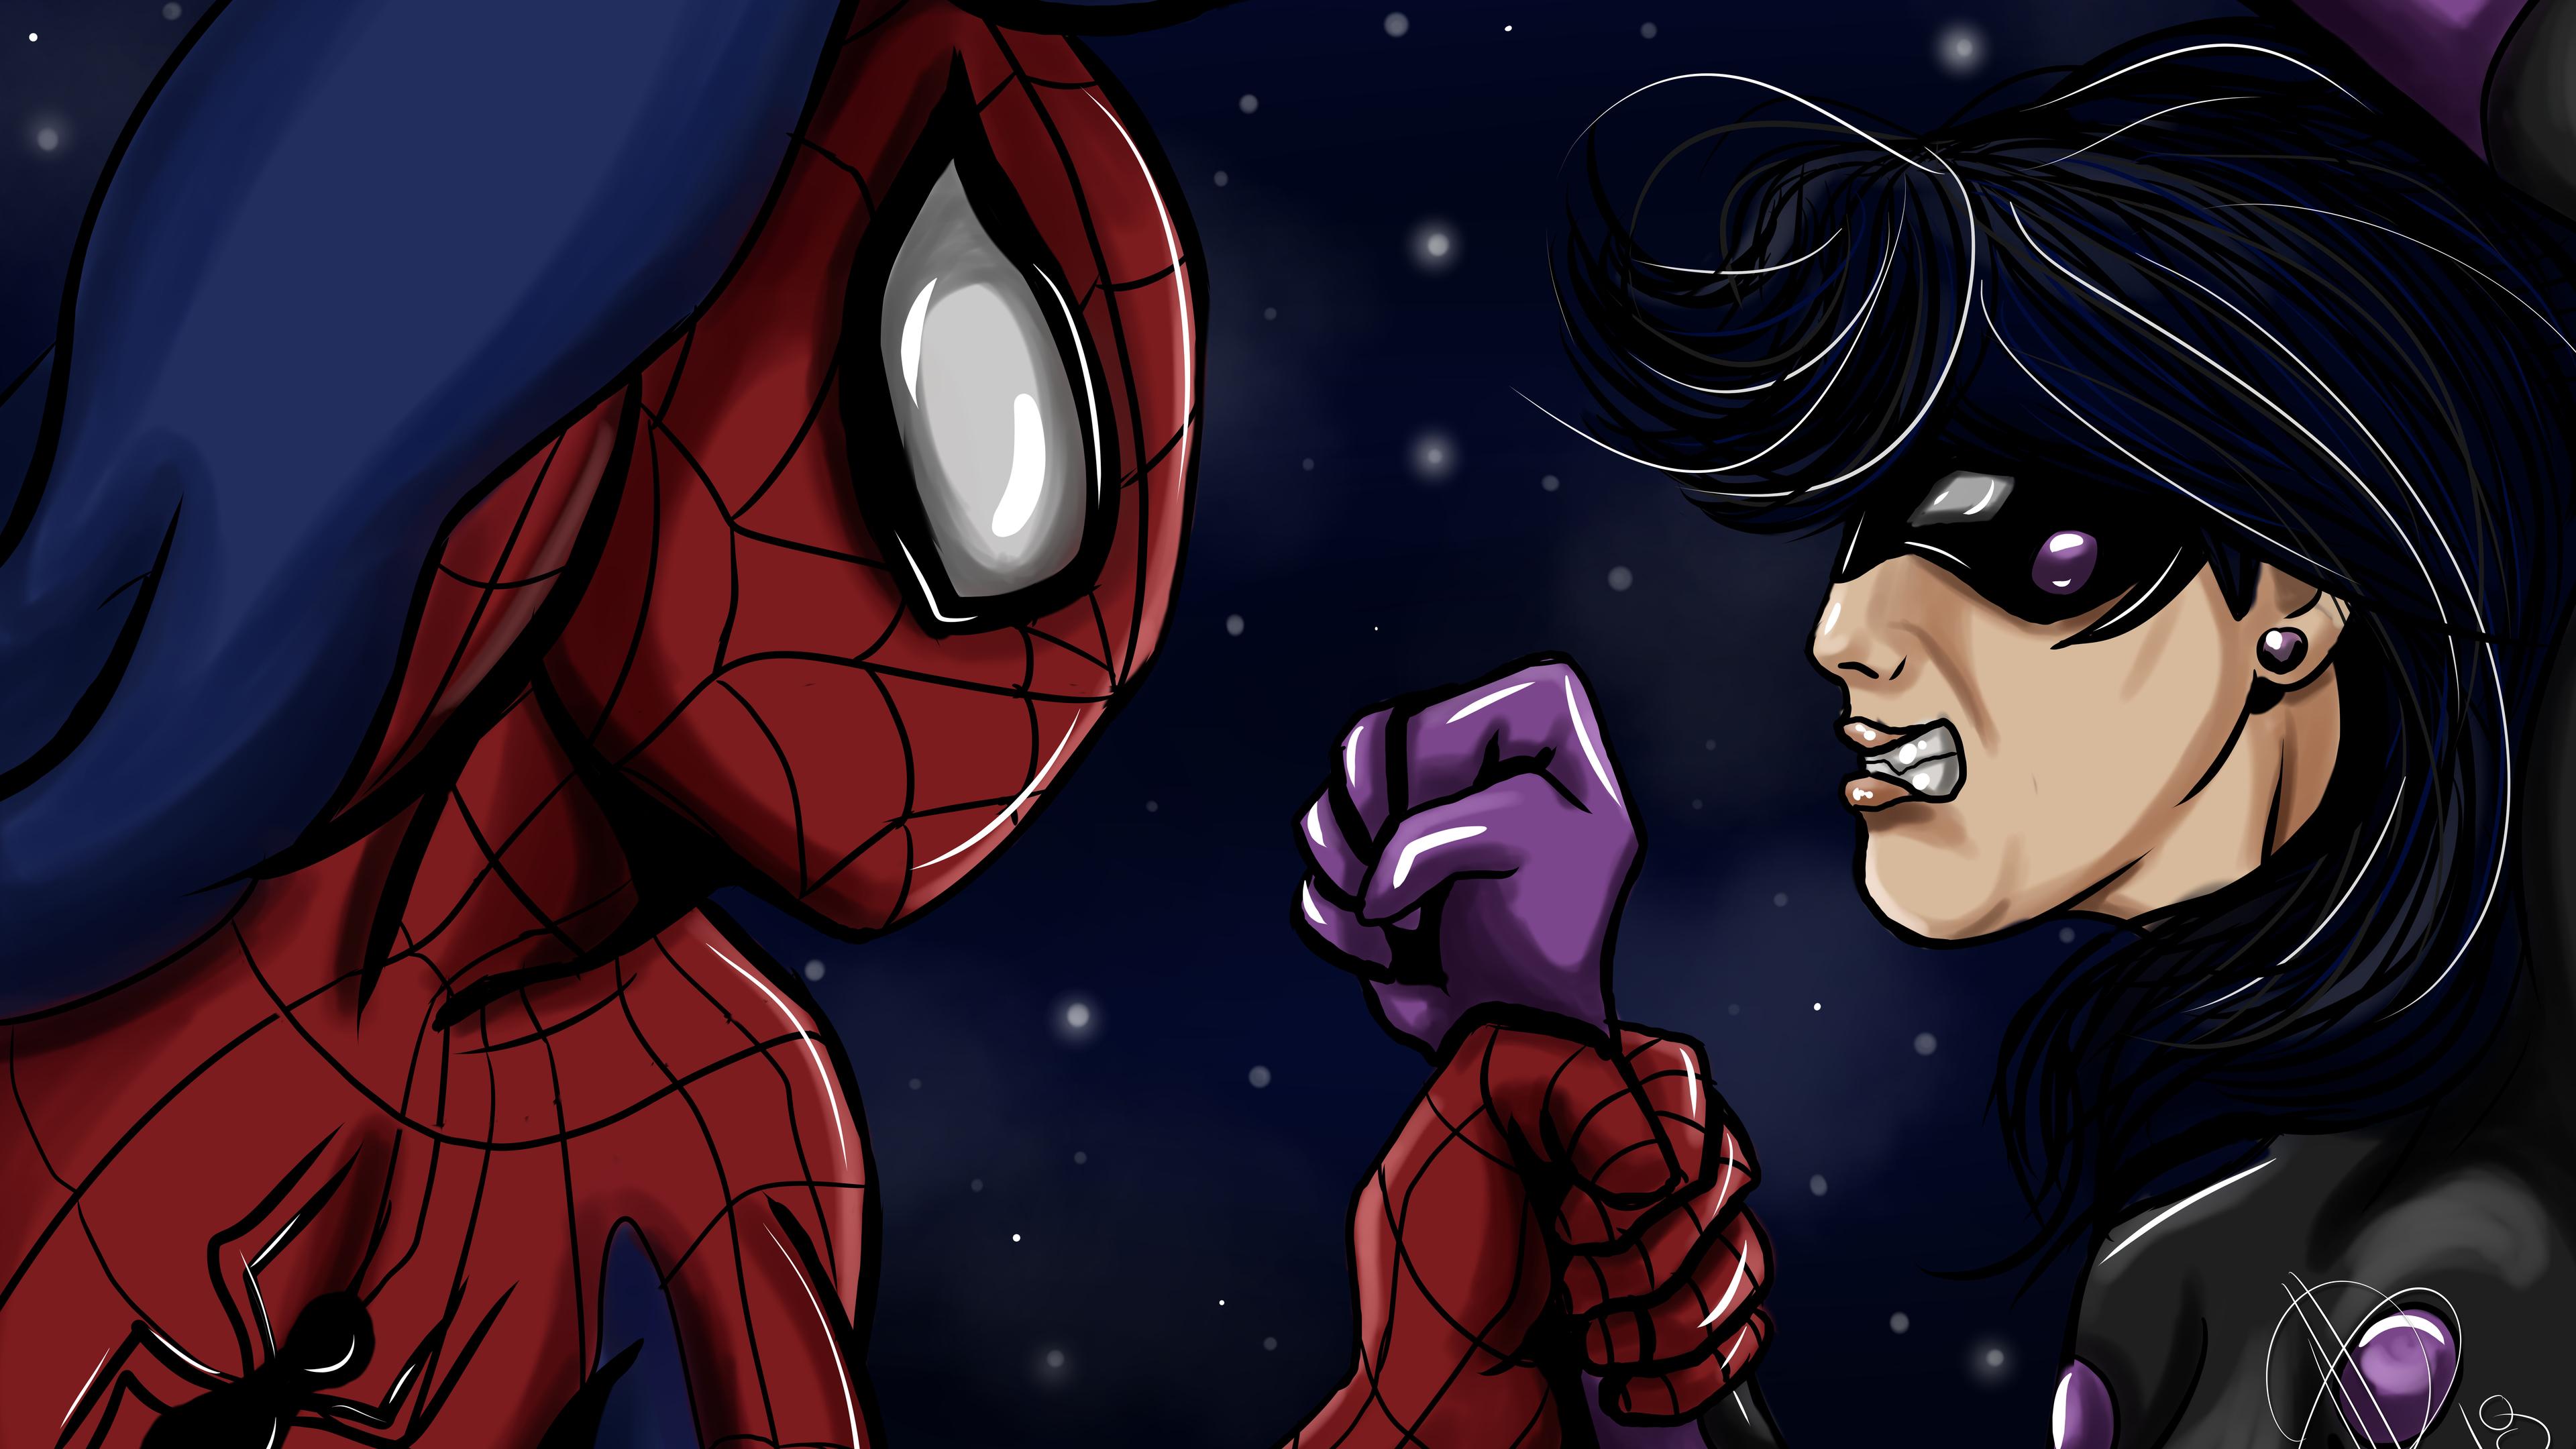 spiderman and ladybug 4k 1543620133 - Spiderman And Ladybug 4k - superheroes wallpapers, spiderman wallpapers, hd-wallpapers, 4k-wallpapers